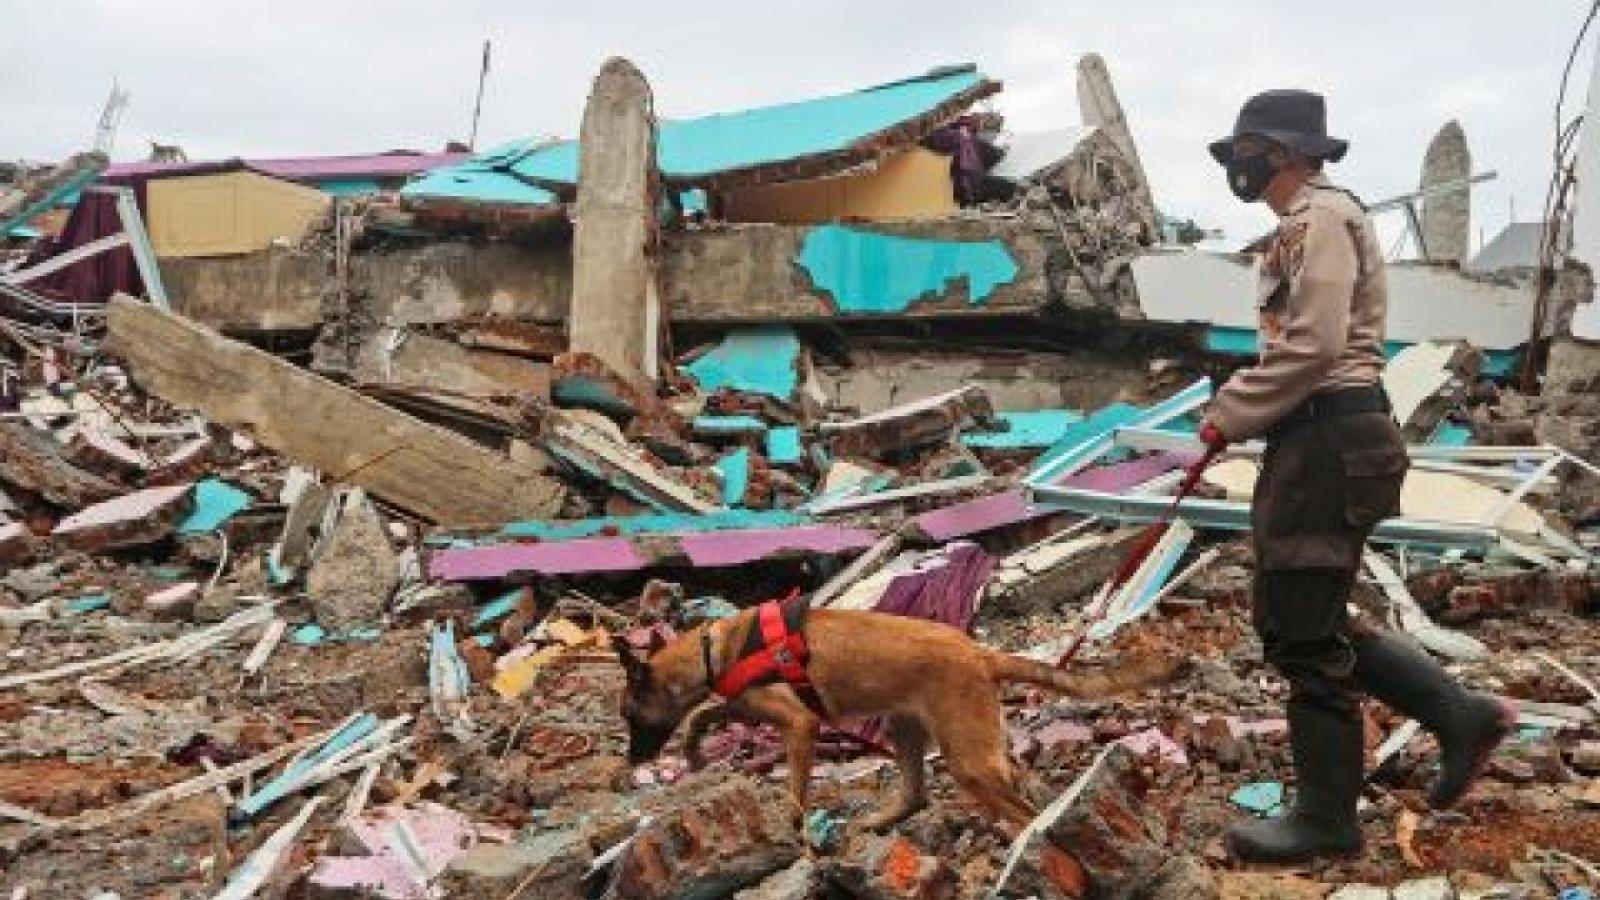 Ít nhất 2 người thiệt mạng, 16 người mất tích sau trận lở đất ở Indonesia